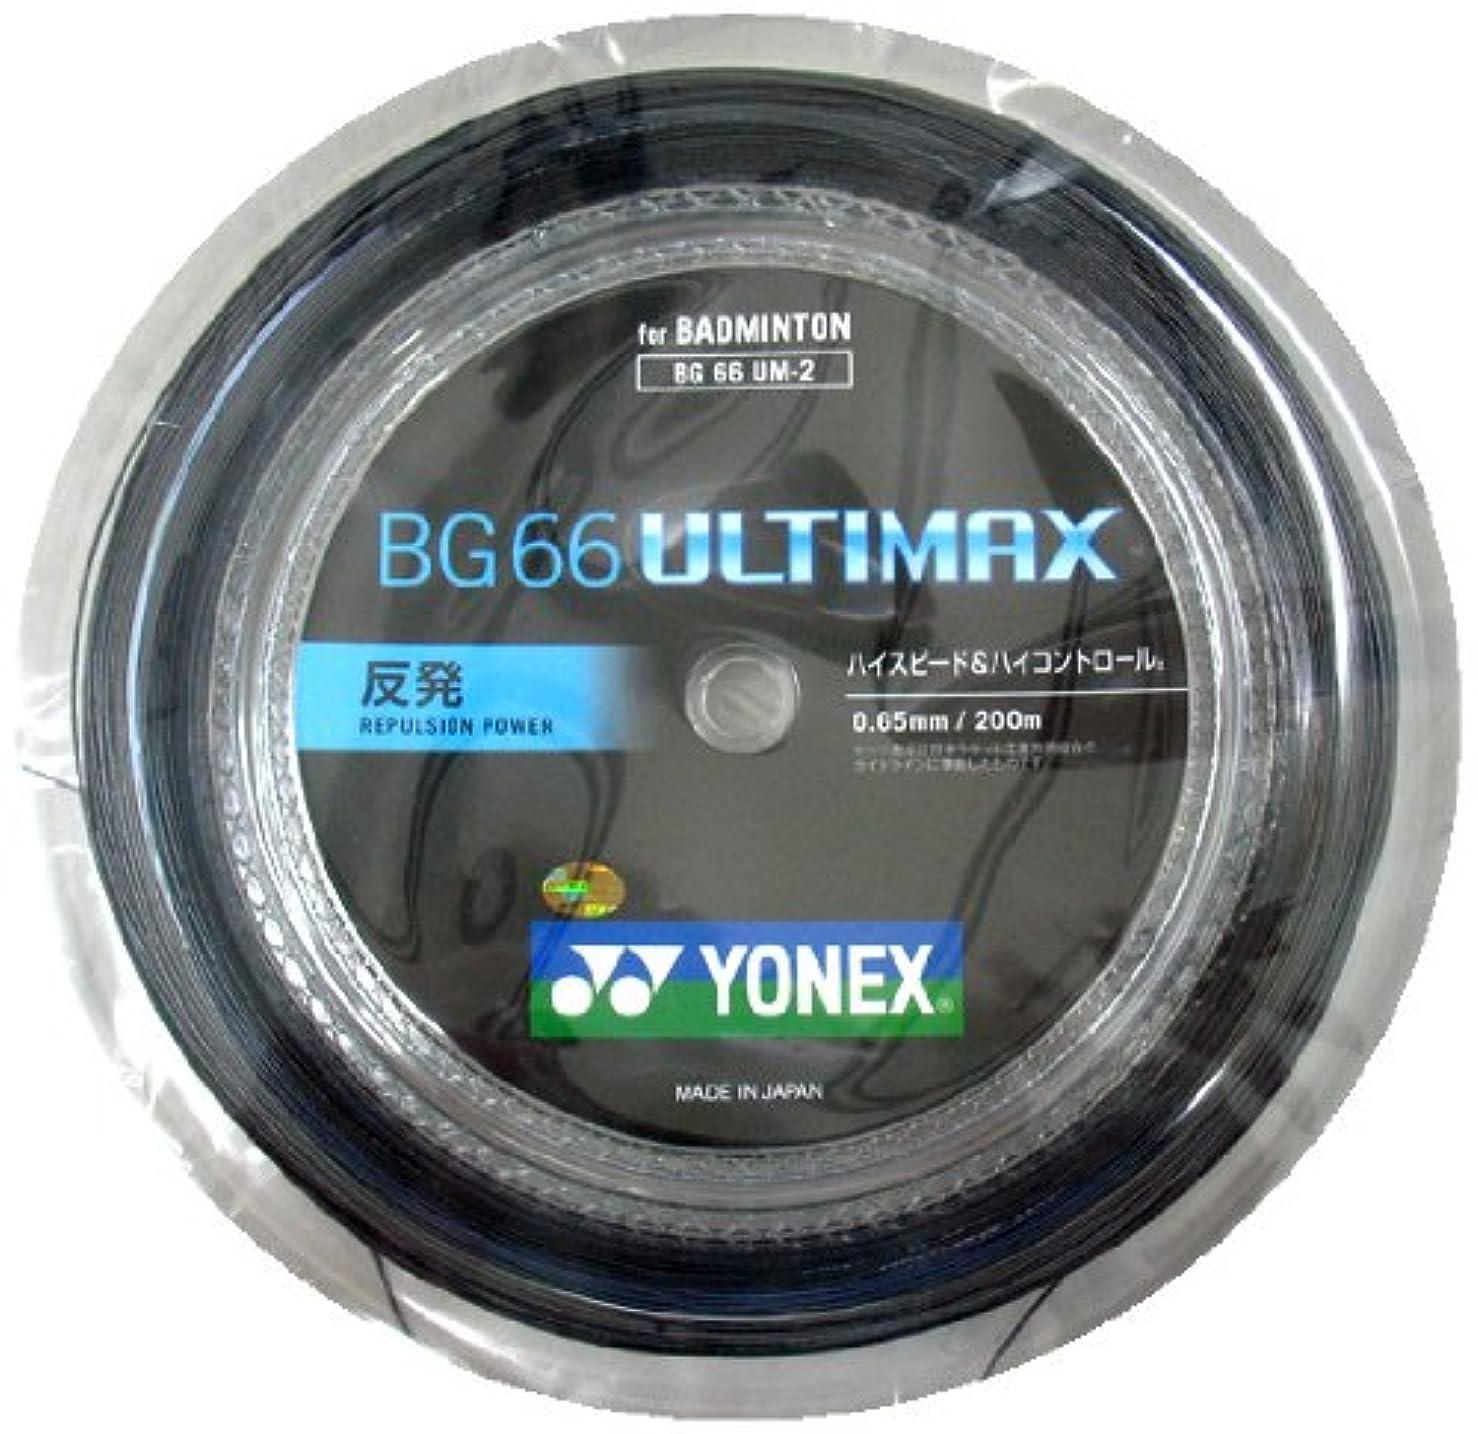 クラウン樹皮計算するYONEX「BG66 ULTIMAX 200mロール BG66UM-2」 バドミントンストリング